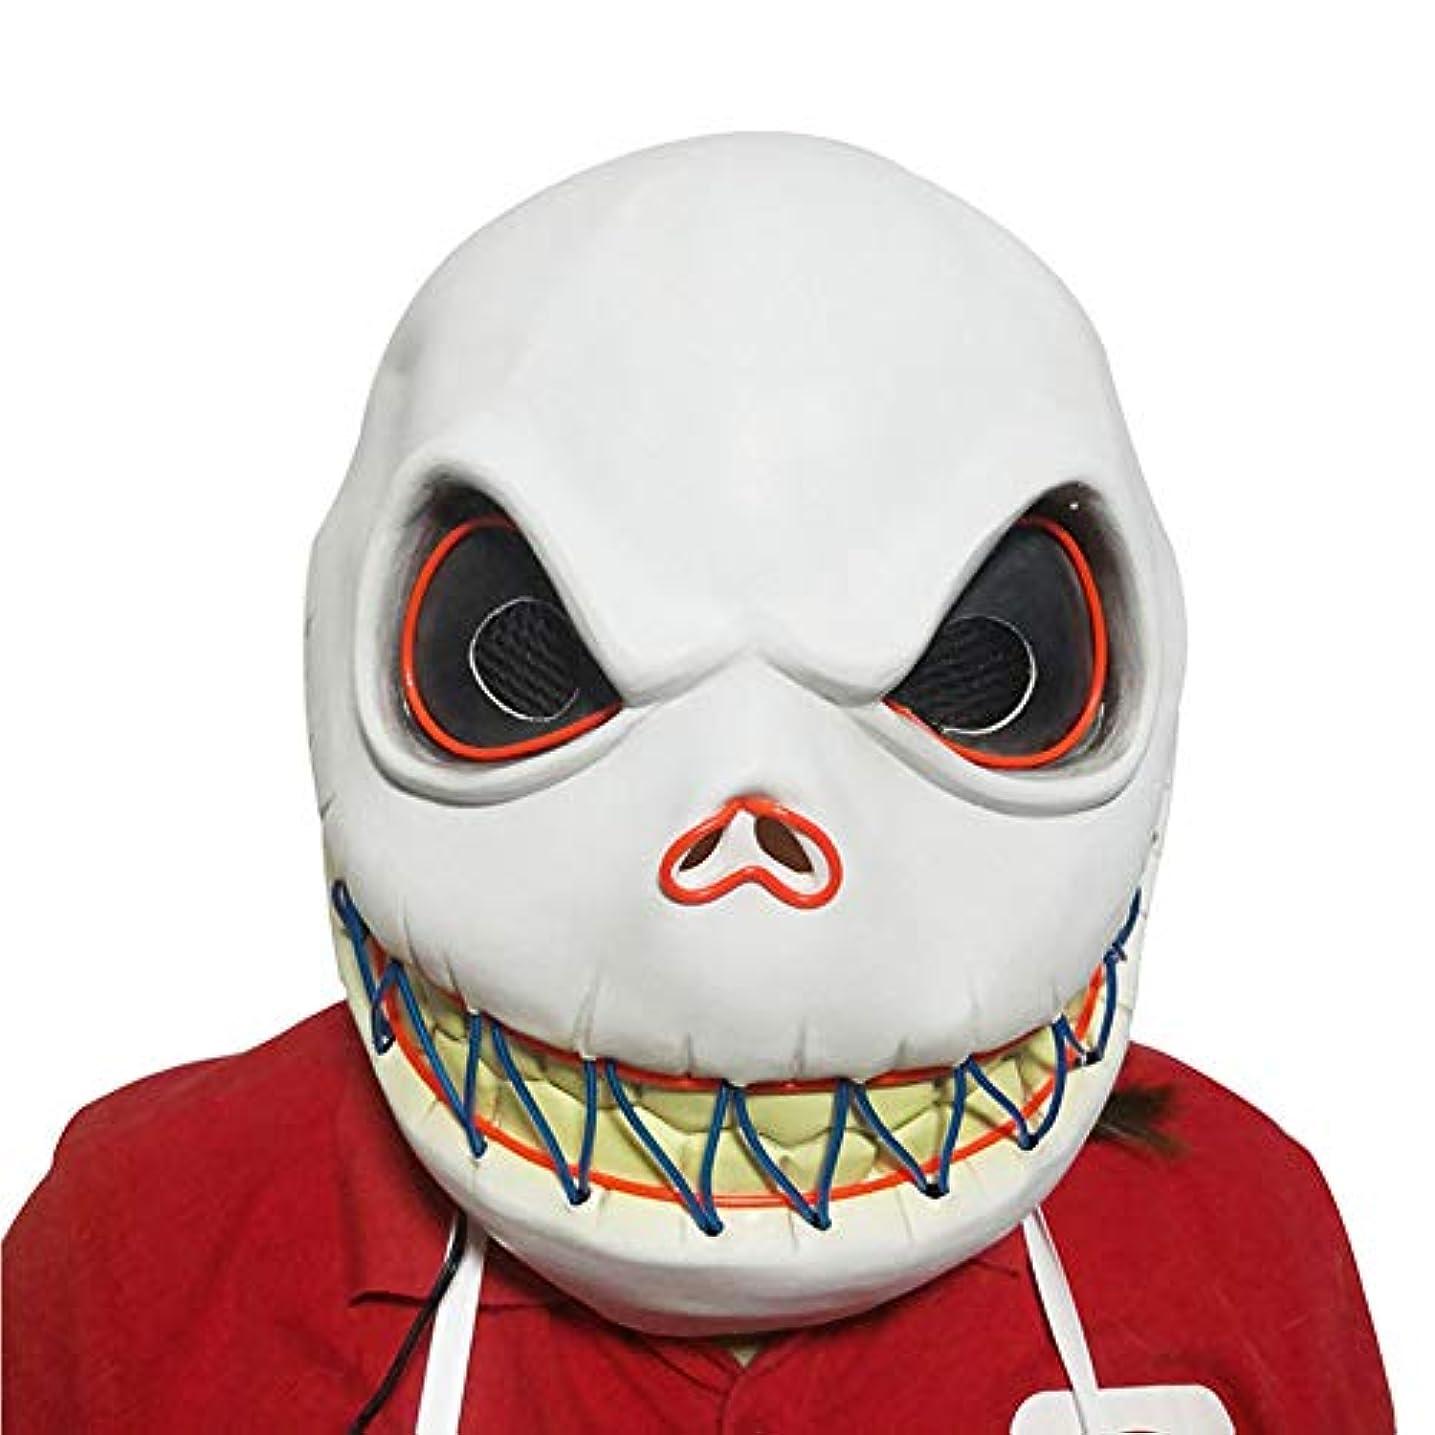 喜んでハーフ読みやすさハロウィーンマスク、顔をしかめるラテックスマスク、ハロウィーン、テーマパーティー、カーニバル、レイブパーティーに適しています。